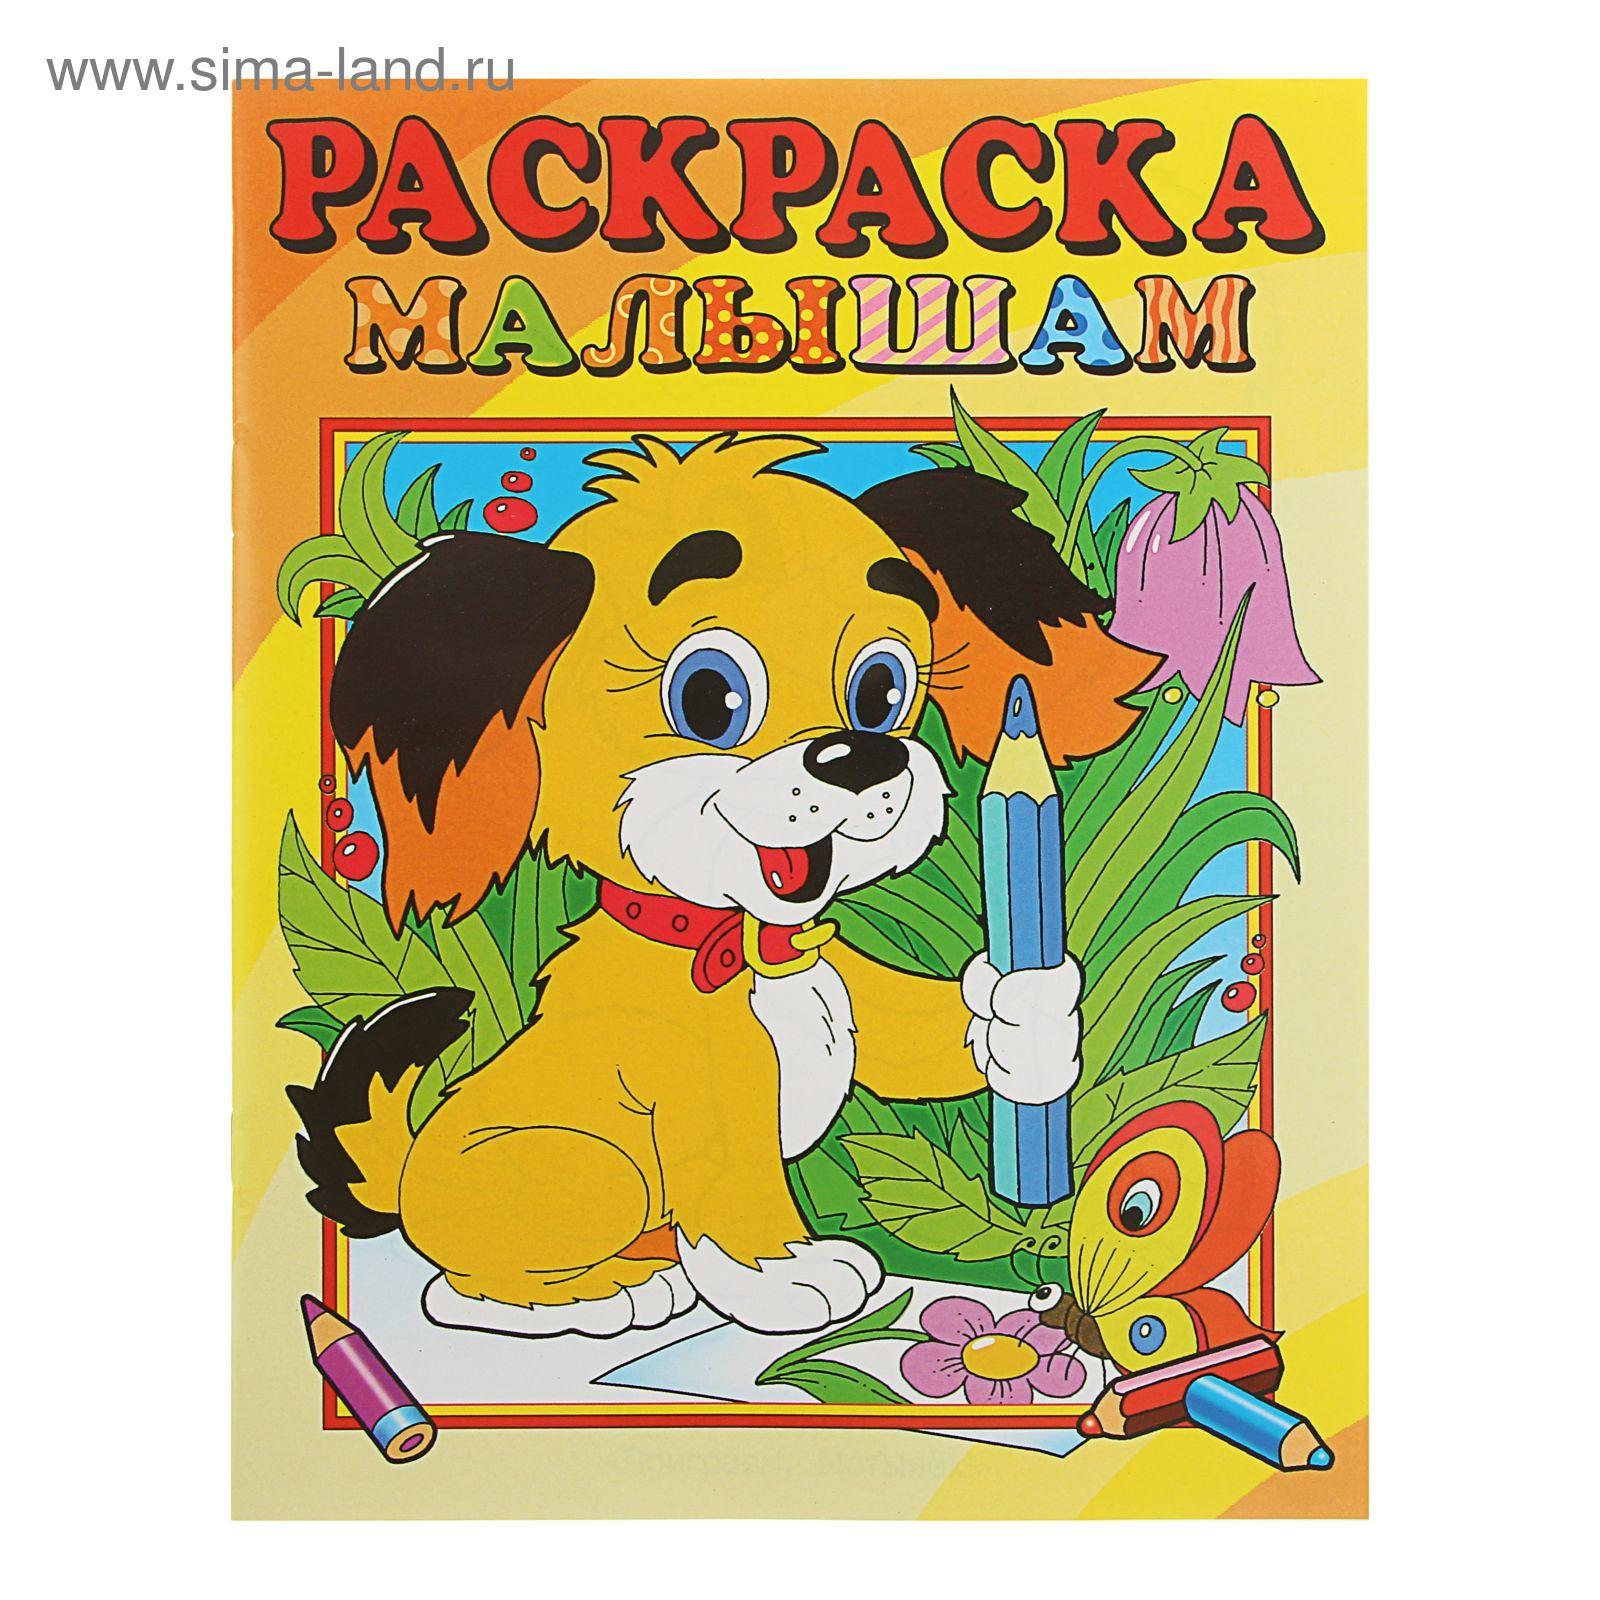 Раскраска малышам «Собачка» (1334573) - Купить по цене от ...